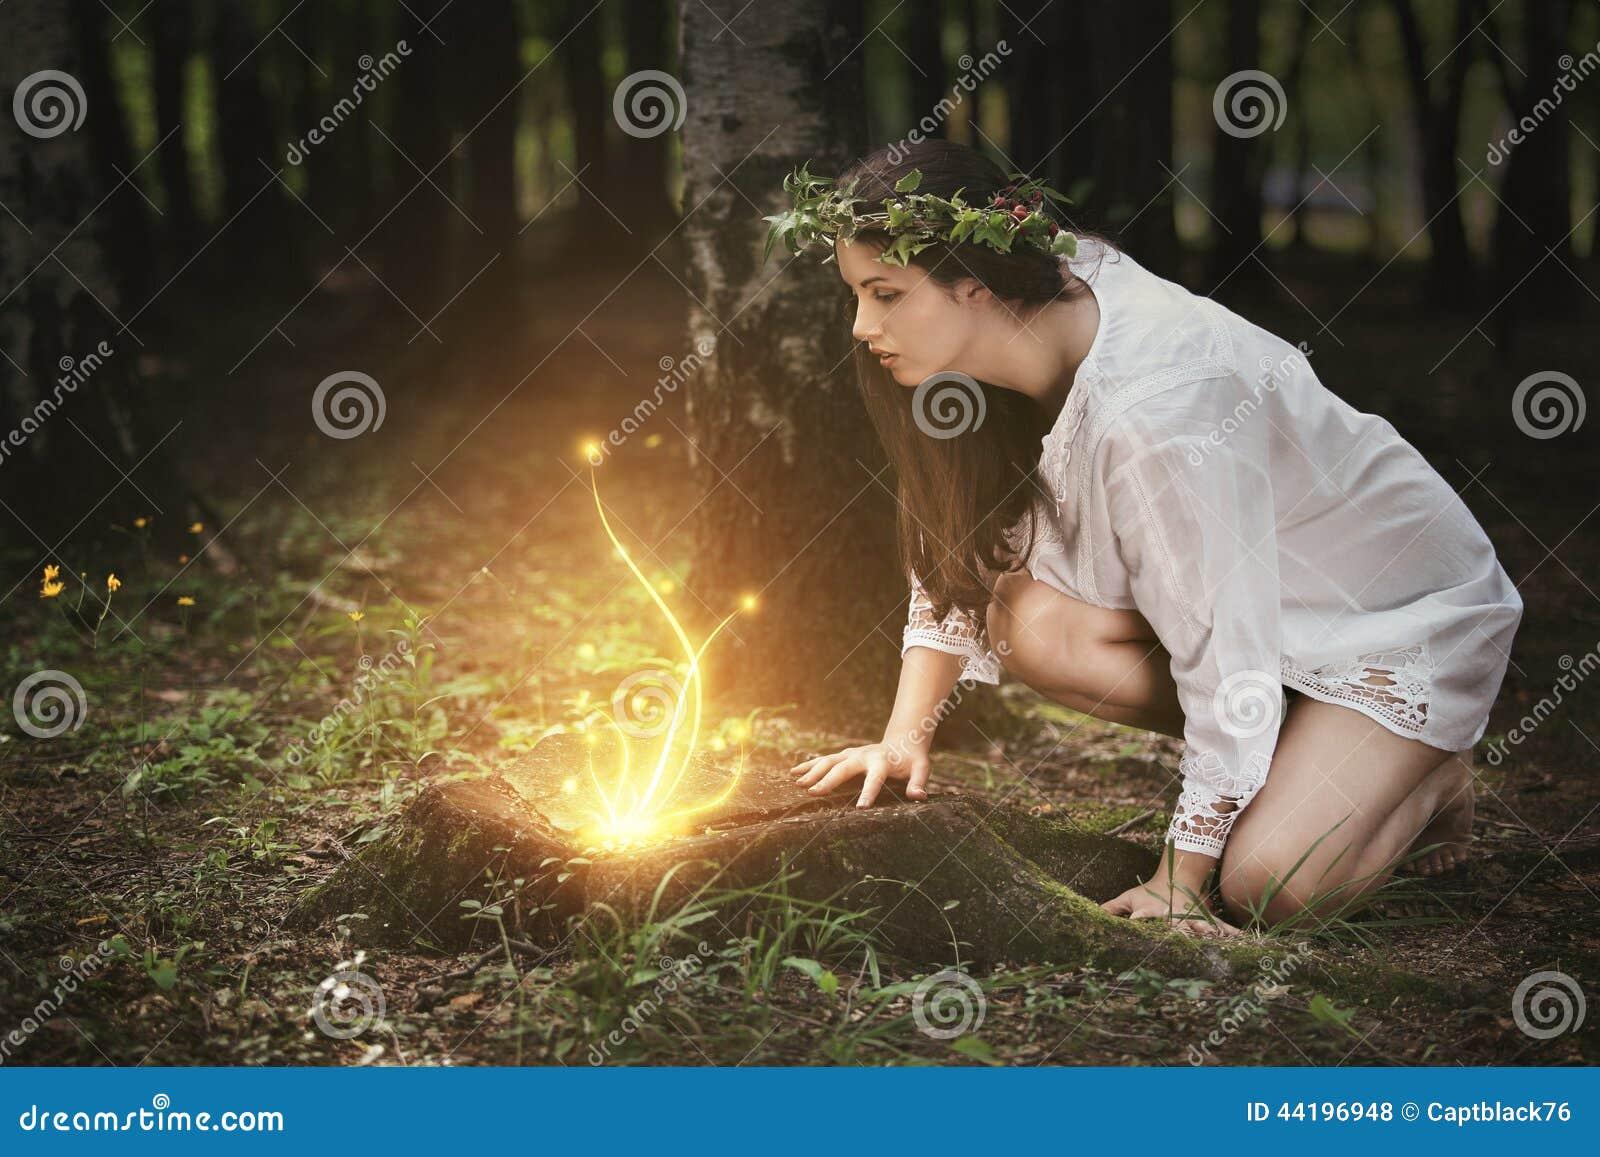 彩色小灯在一个不可思议的森林里